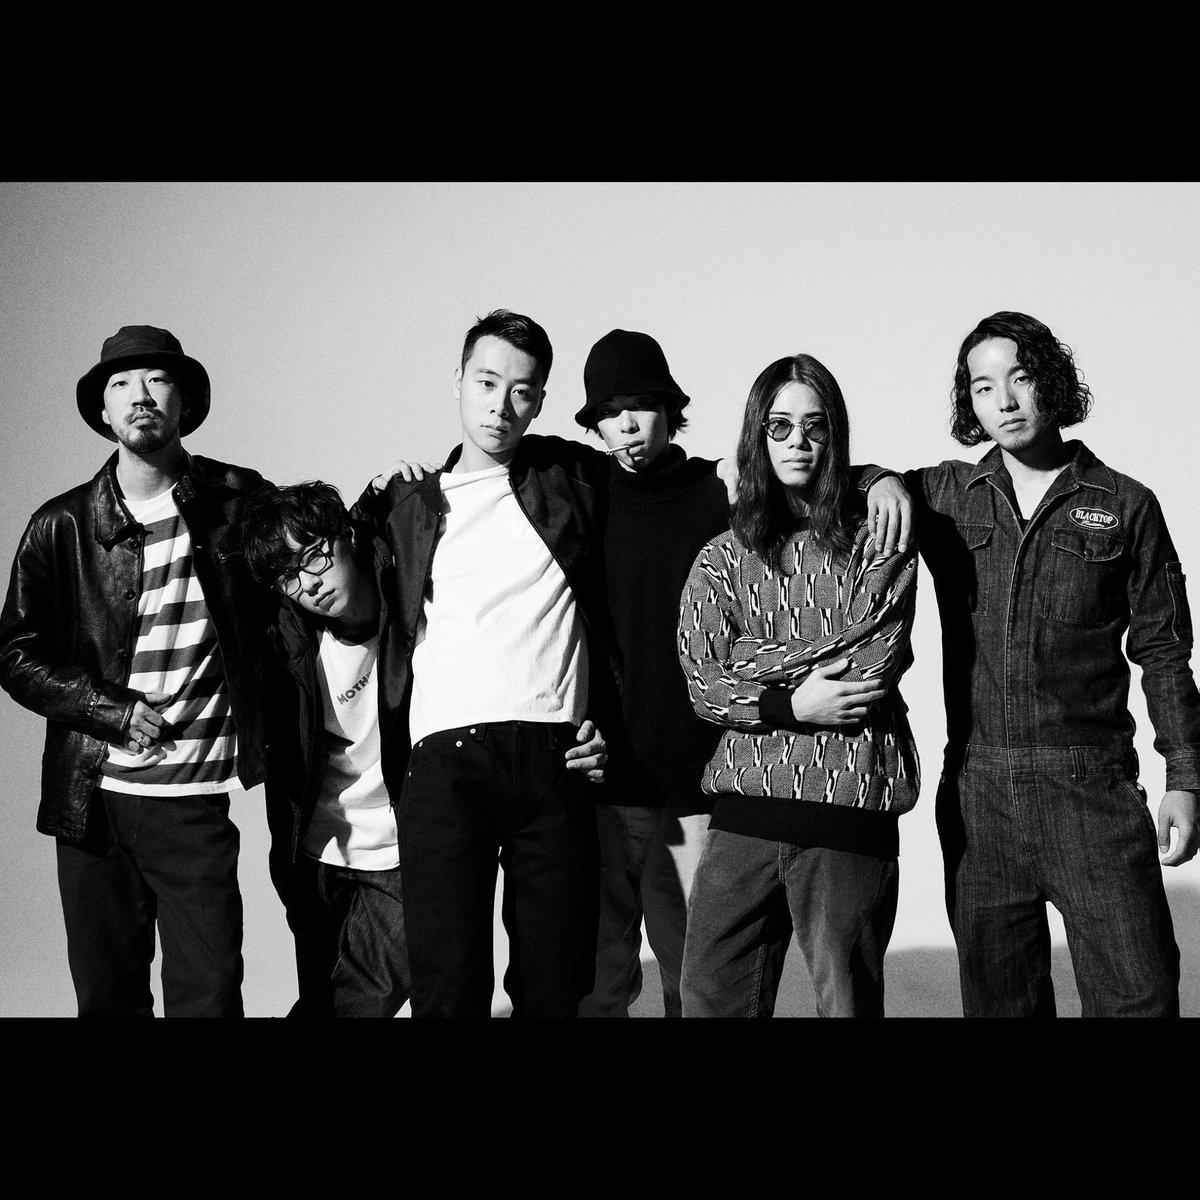 今夜のZEROカルチャーは、6人組バンド・Suchmosです。今月だけで8誌の表紙をかざるなど話題沸…